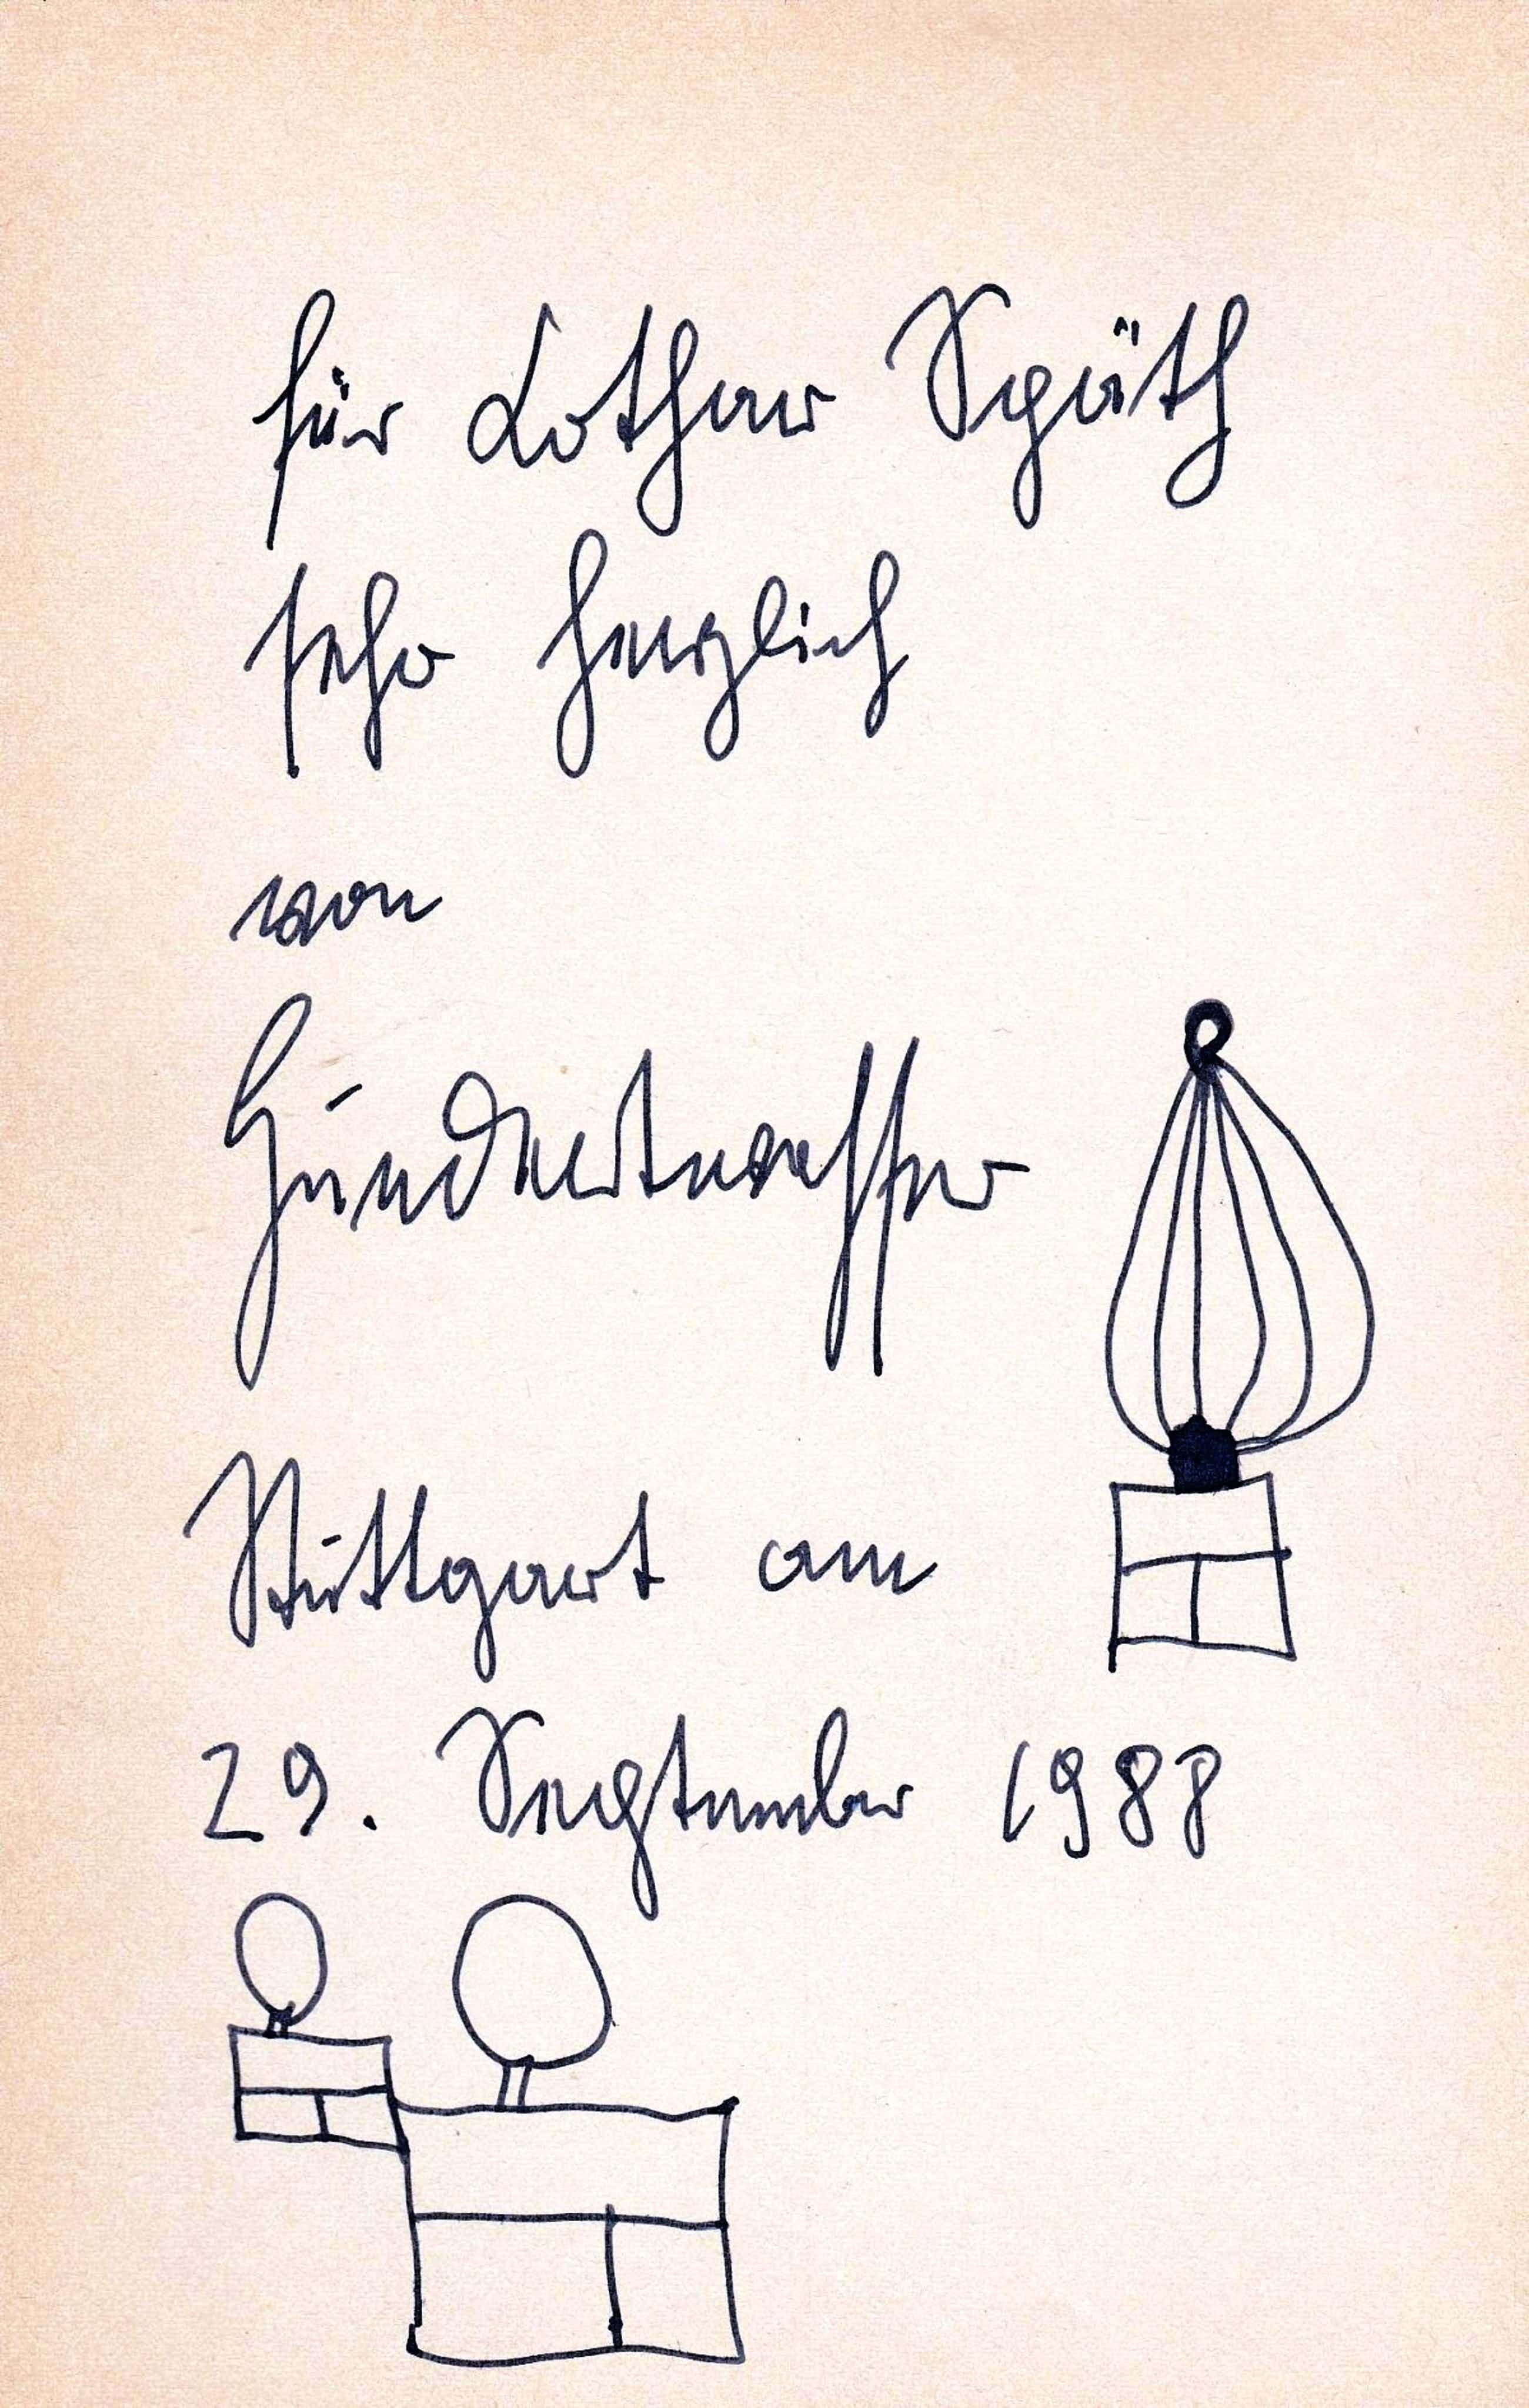 Fritz Hundertwasser - Friedensreich Hundertwasser - signierte Zeichnung kopen? Bied vanaf 900!